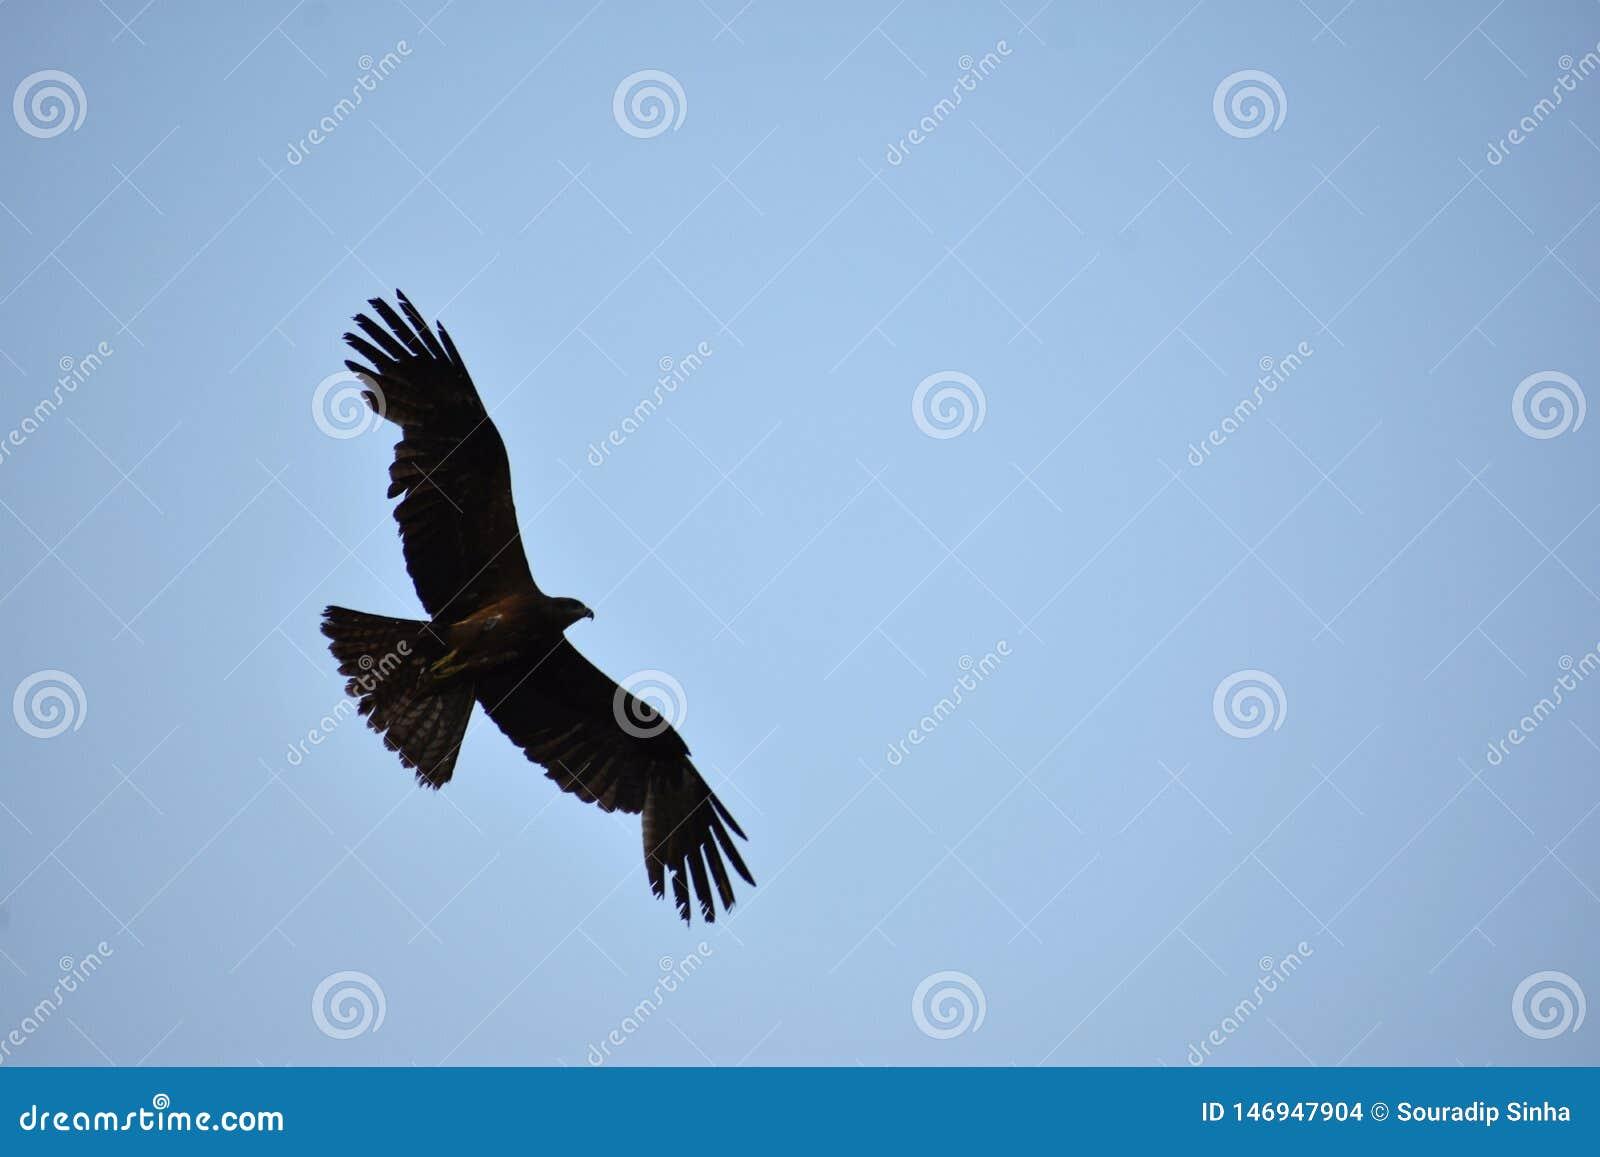 Черный индийский змей - свободная птица в крыльях неба красивых